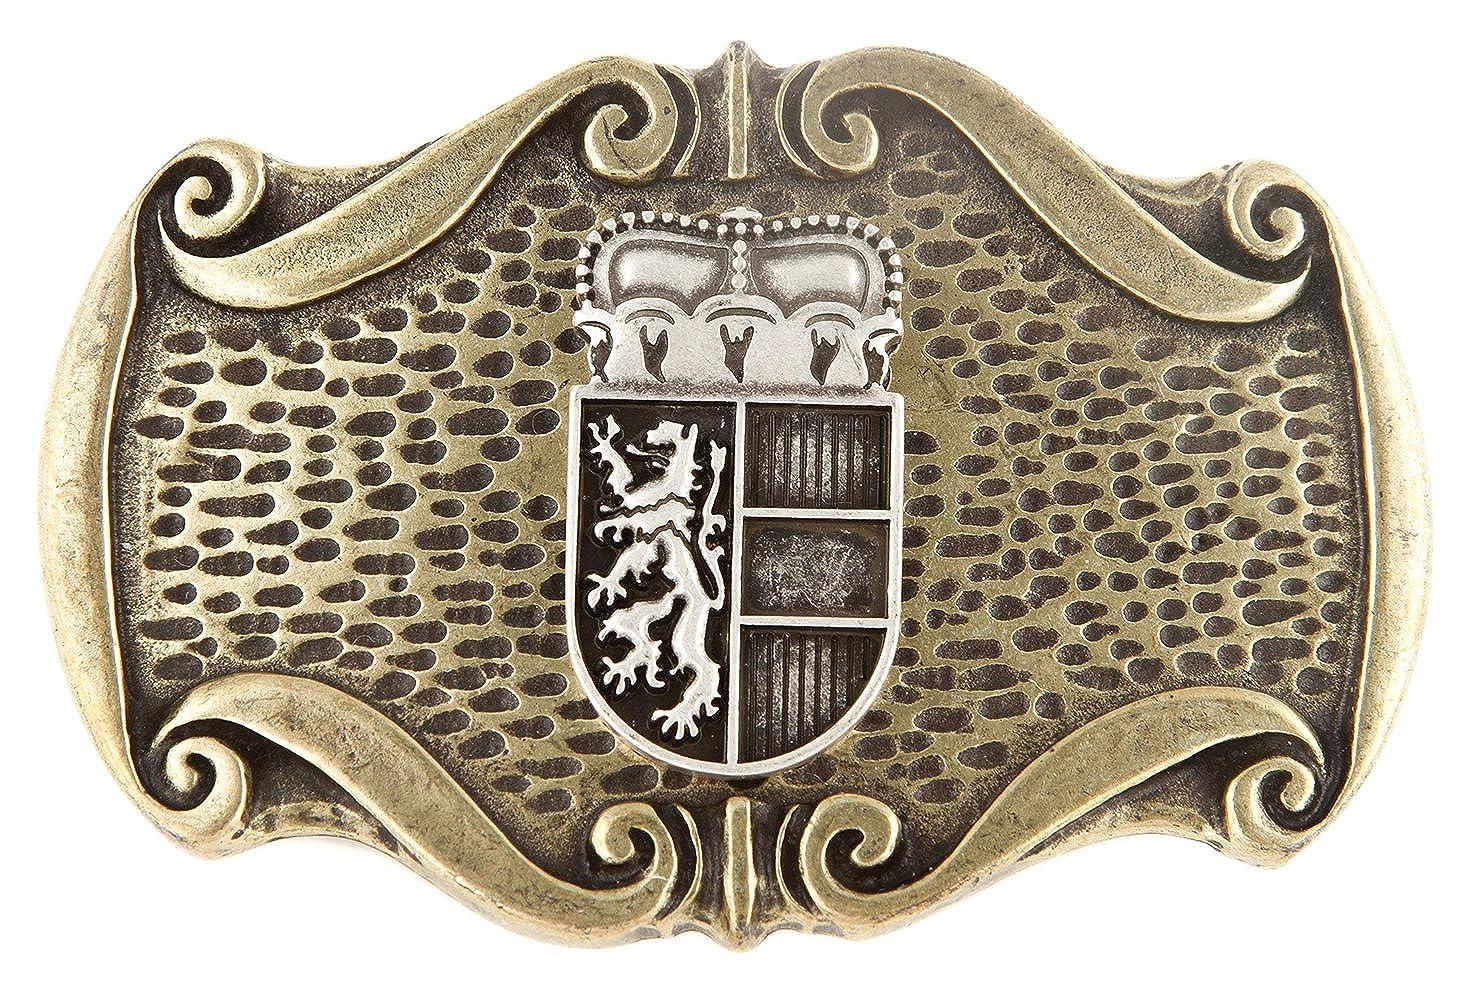 G/ürtelschlie/ße Farbe messing K/ärnten Buckle Landeswappen Hochwertige G/ürtelschnalle f/ür 40 mm G/ürtel